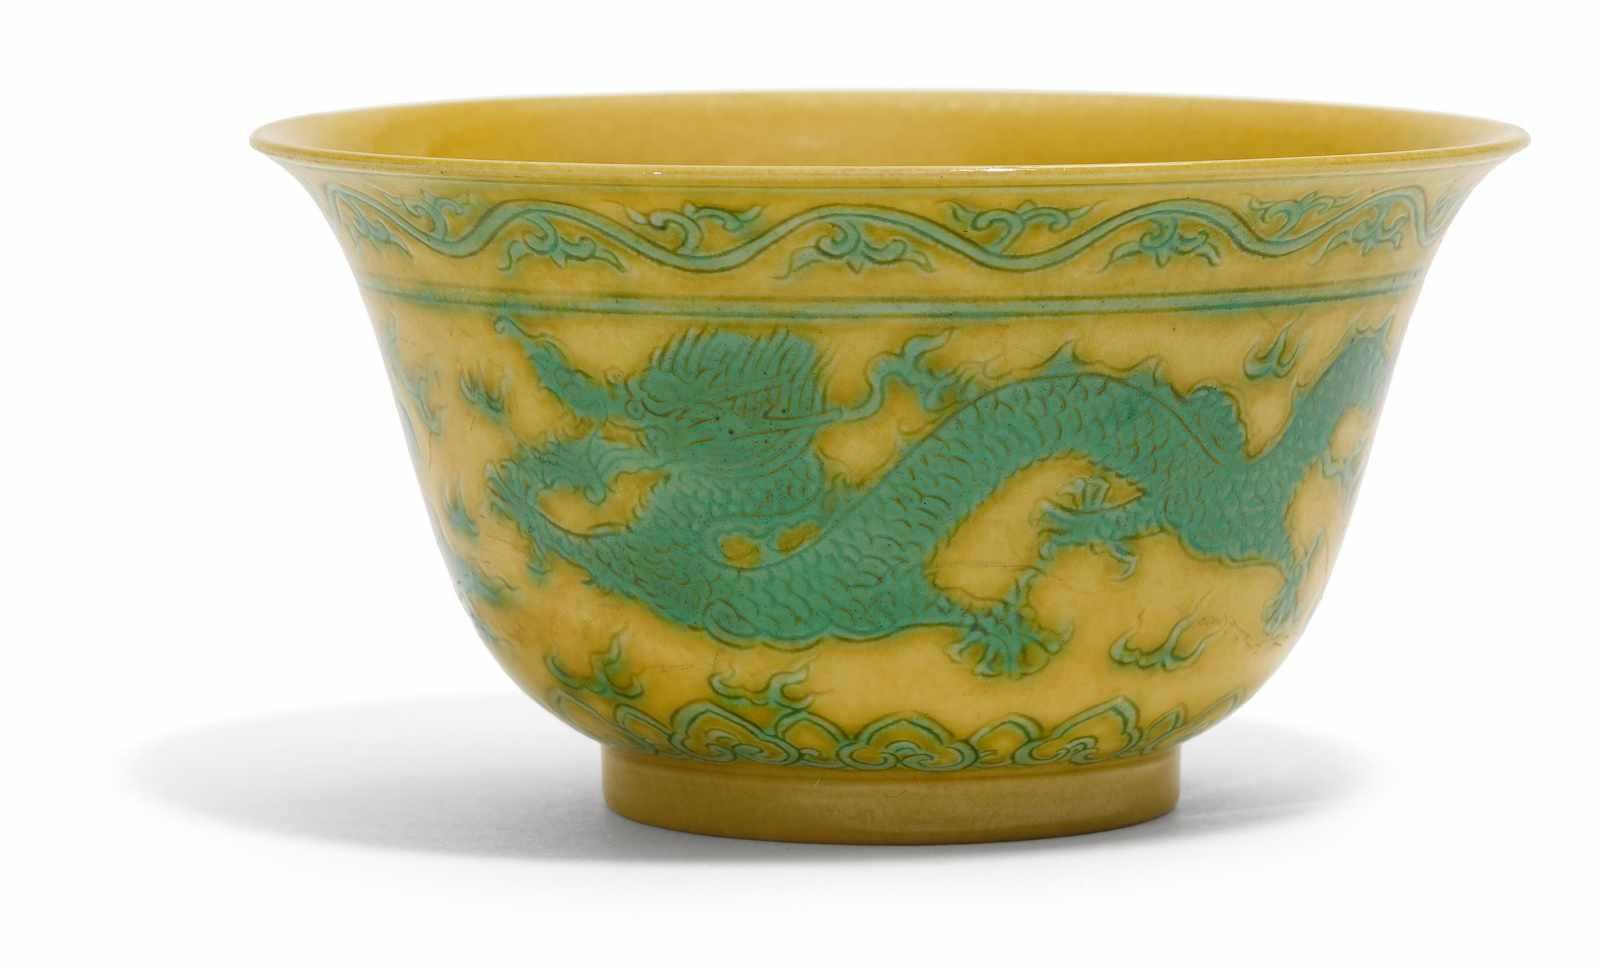 Los 2026 - DRACHENSCHALE. China. Qing-Dynastie (1644-1911). 19. Jh. Porzellan, innen und außen gelb glasiert,